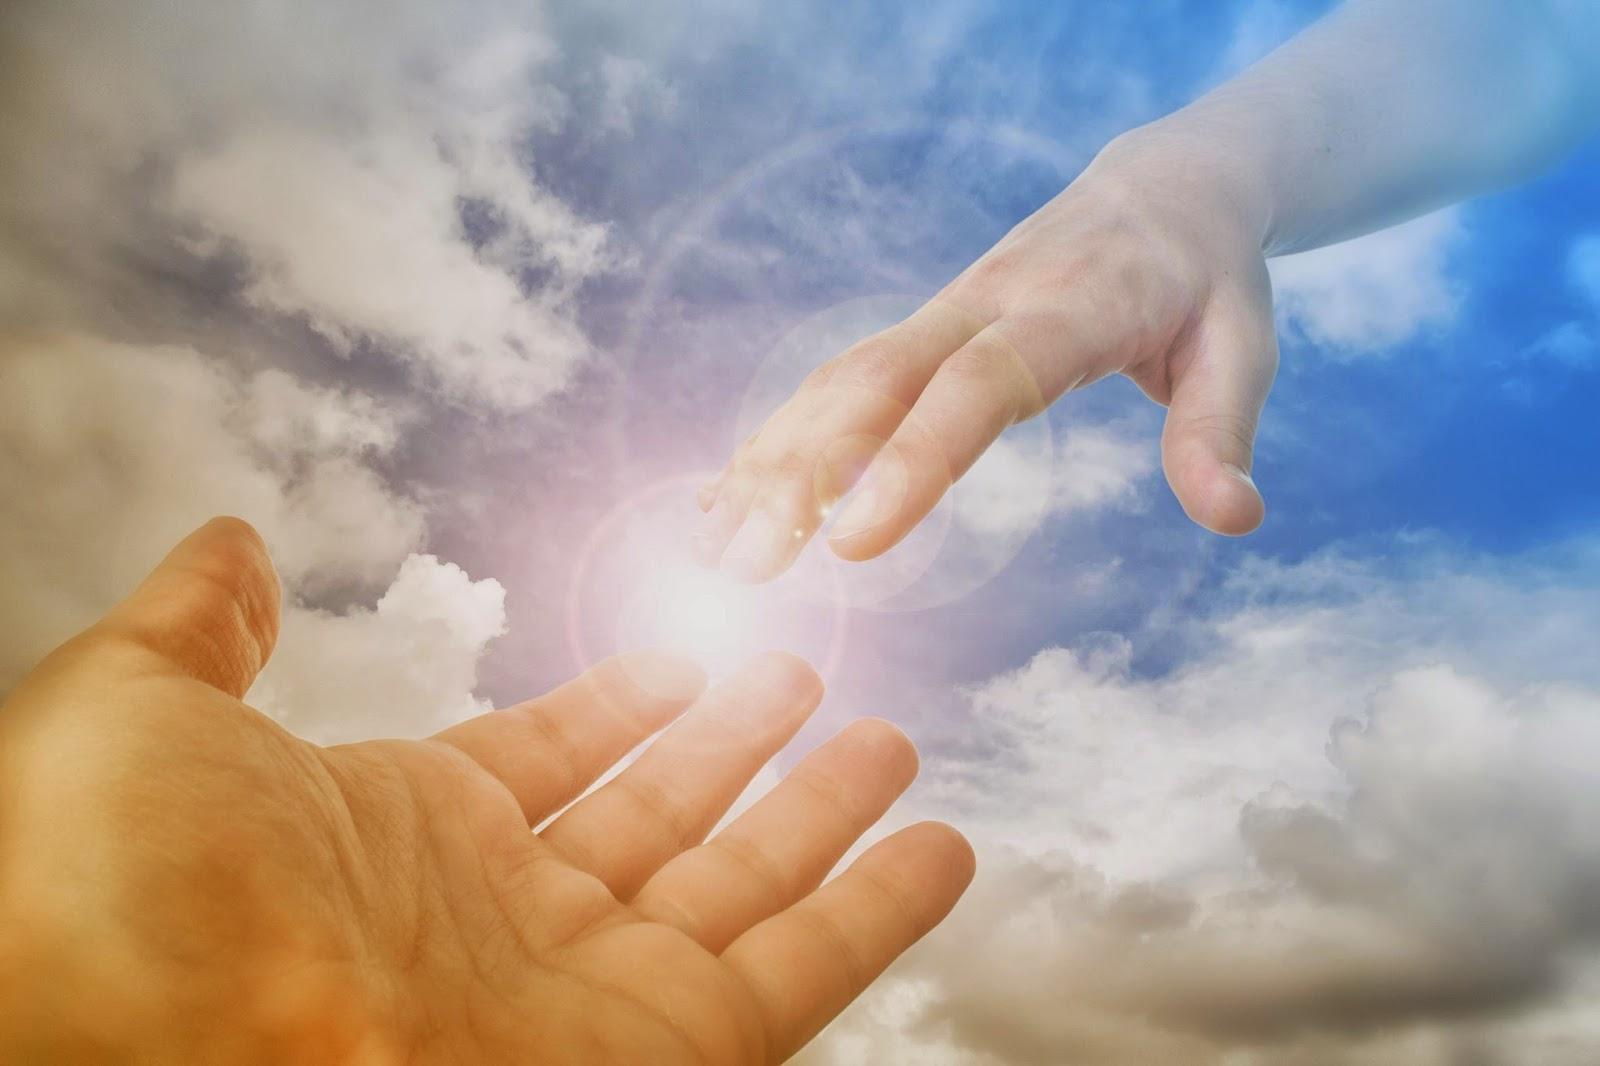 Αποτέλεσμα εικόνας για ένωση ψυχης με το θεό στη φιλοσοφία, πρόκλος